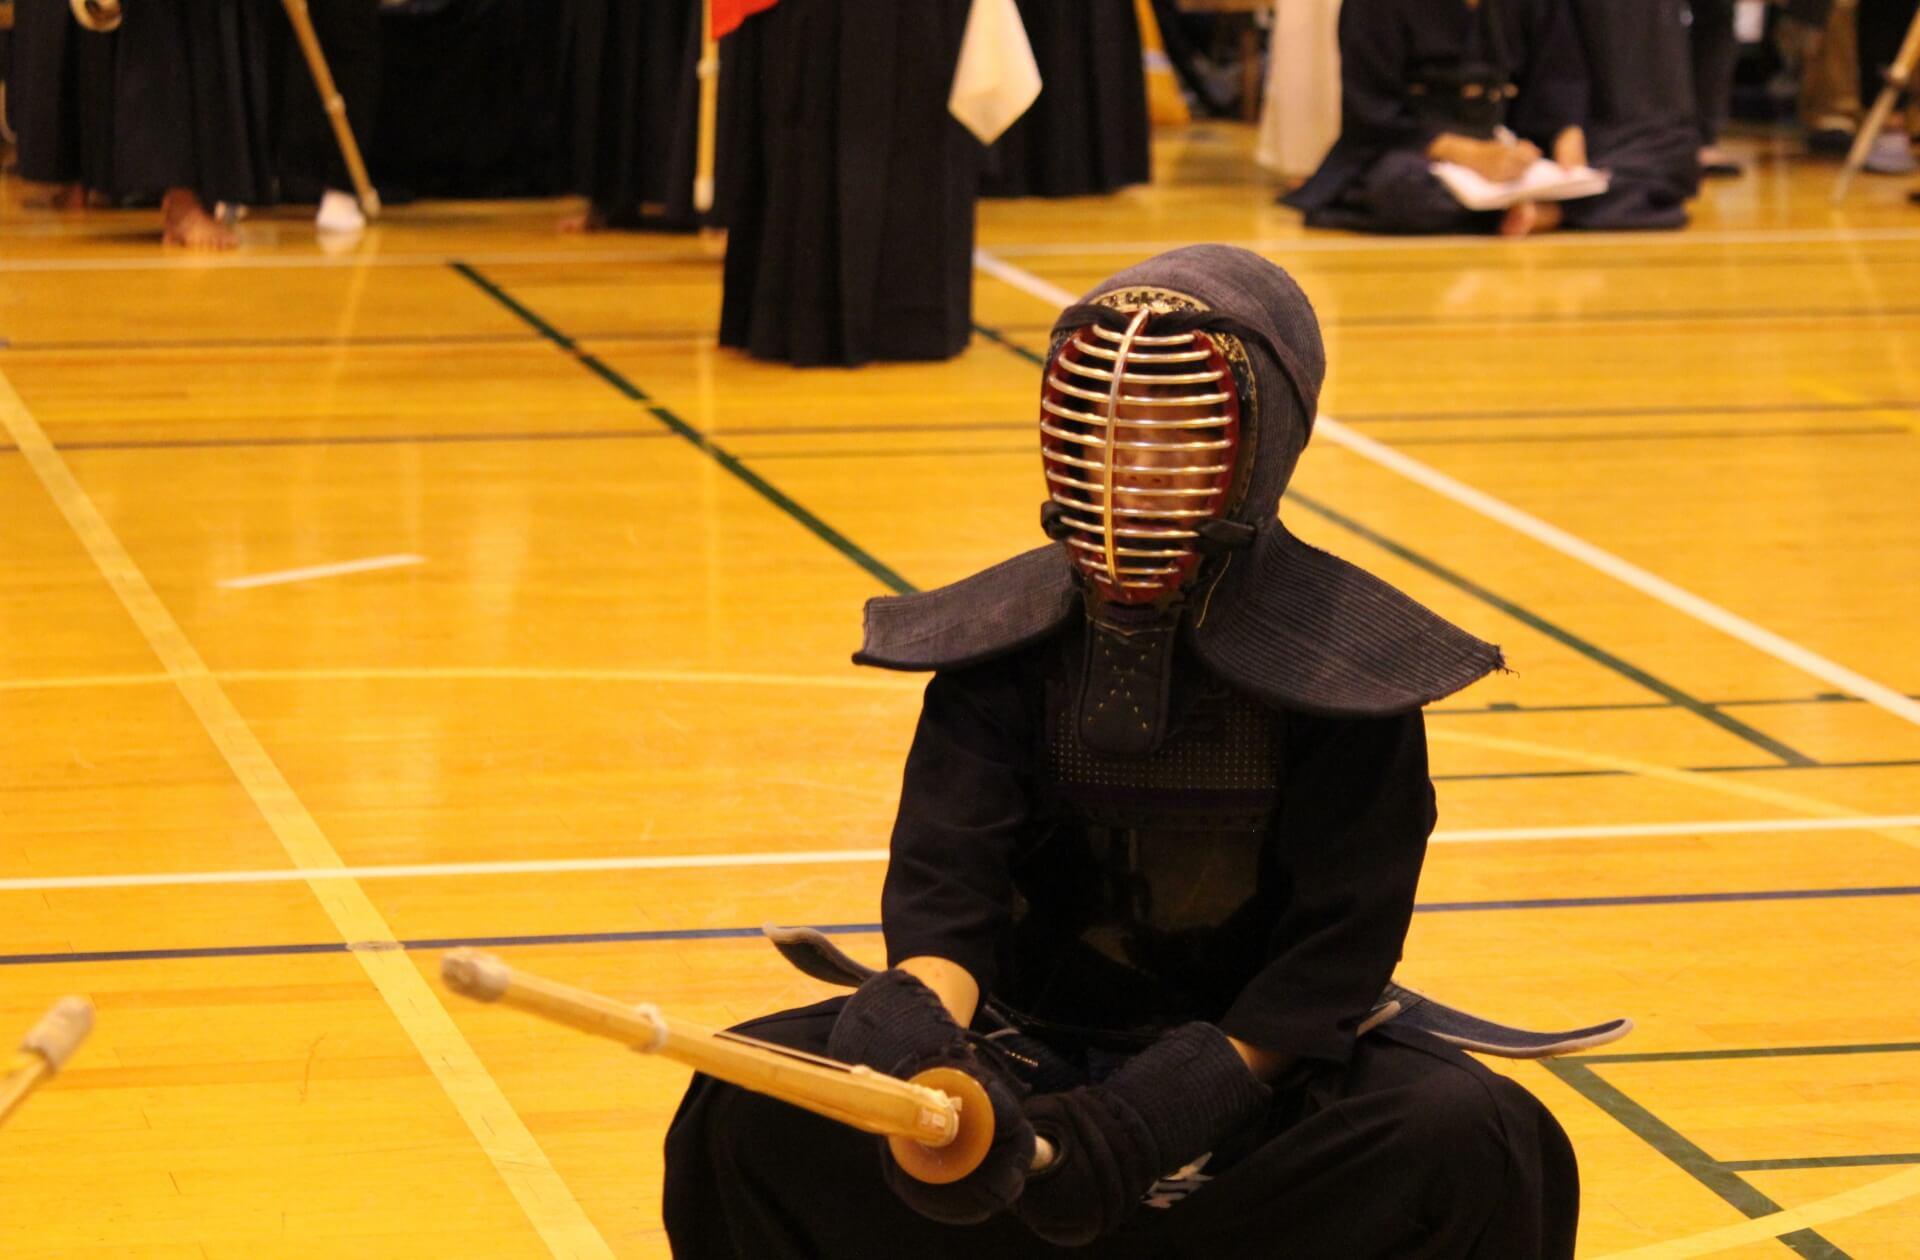 剣道の竹刀ってどういうものなの?